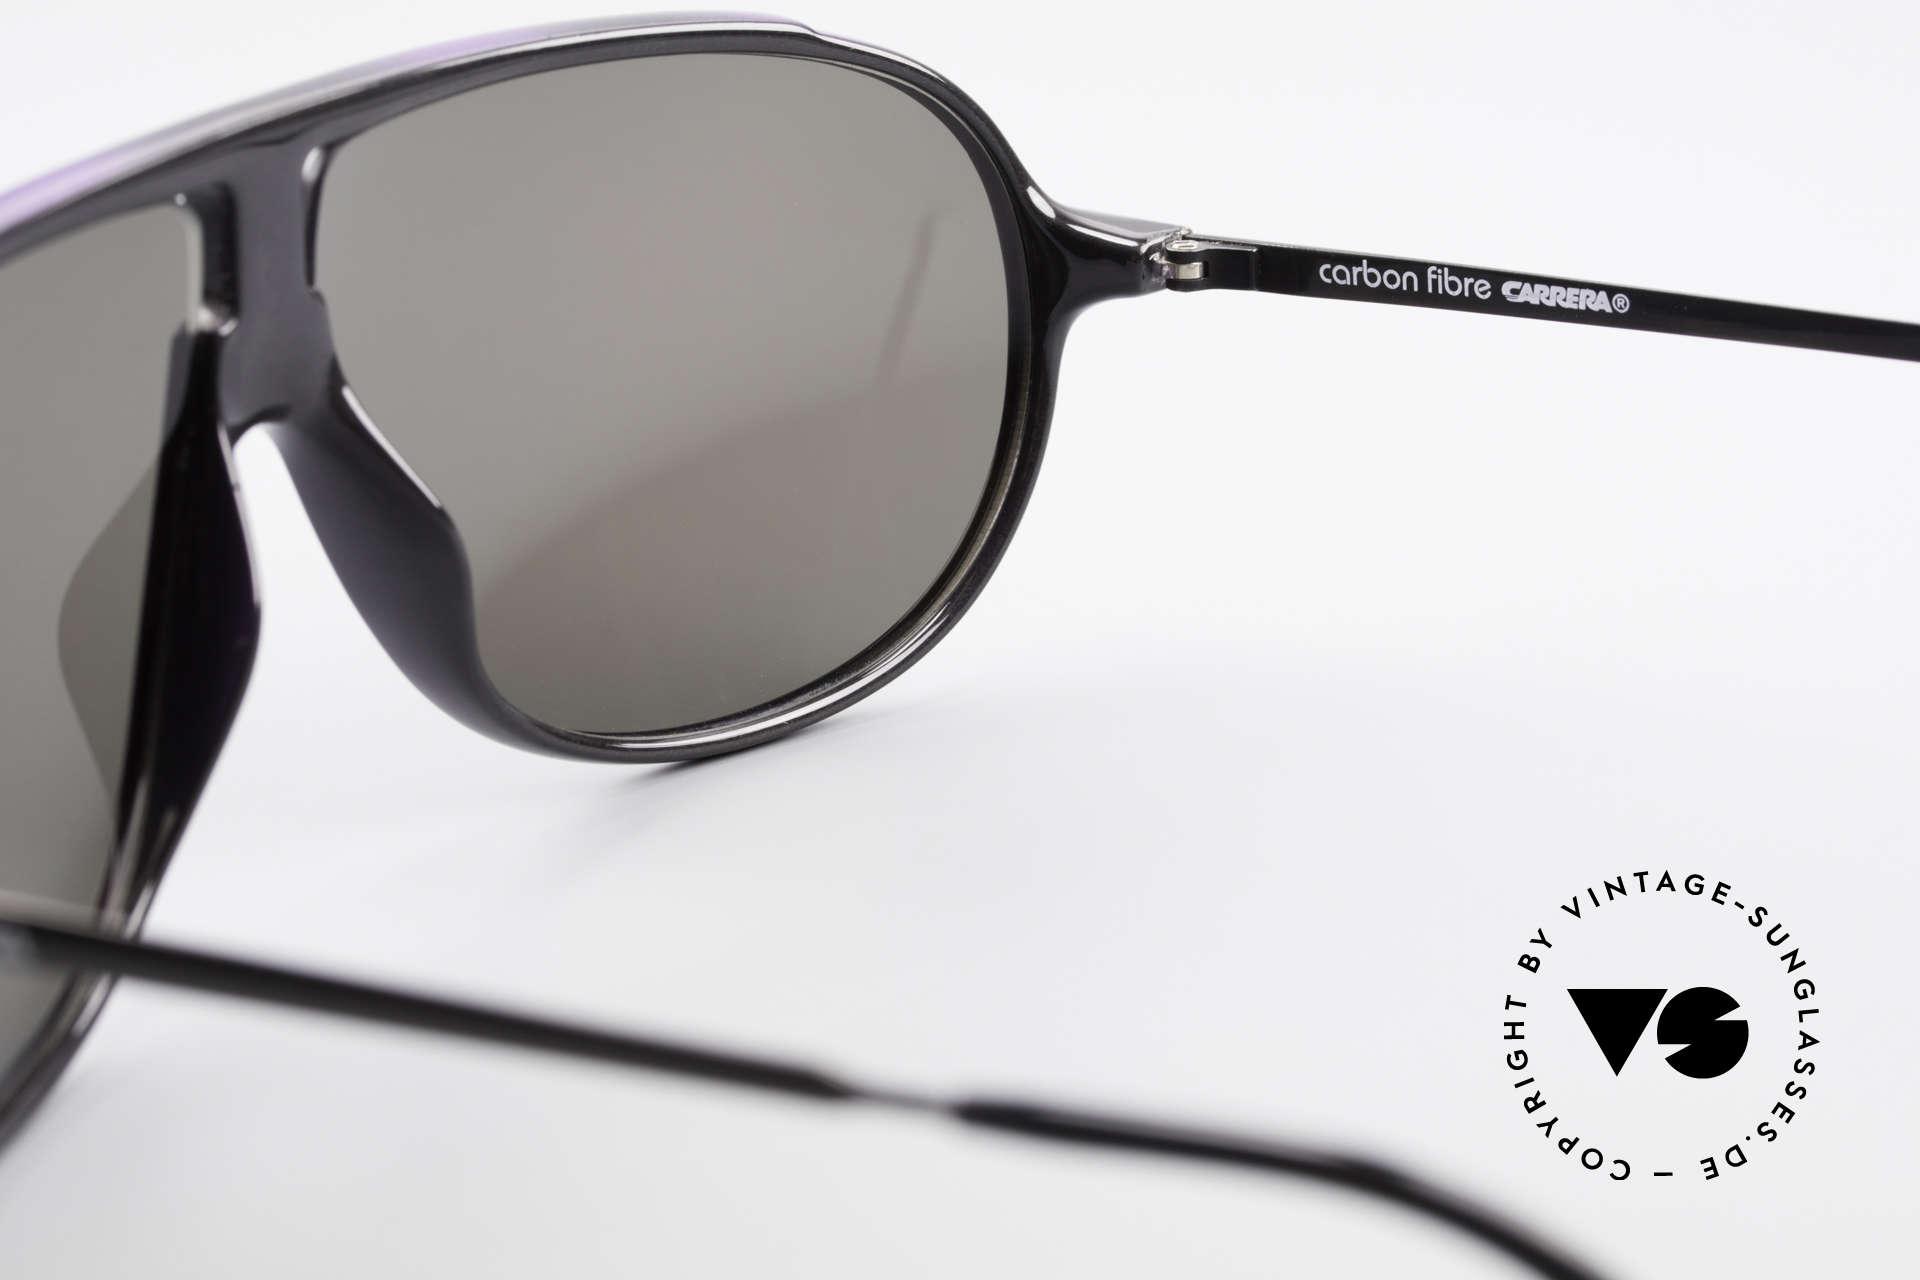 Carrera 5467 Carbon Fibre Brille Kohlefaser, KEINE Retrosonnenbrille, 100% vintage Original!, Passend für Herren